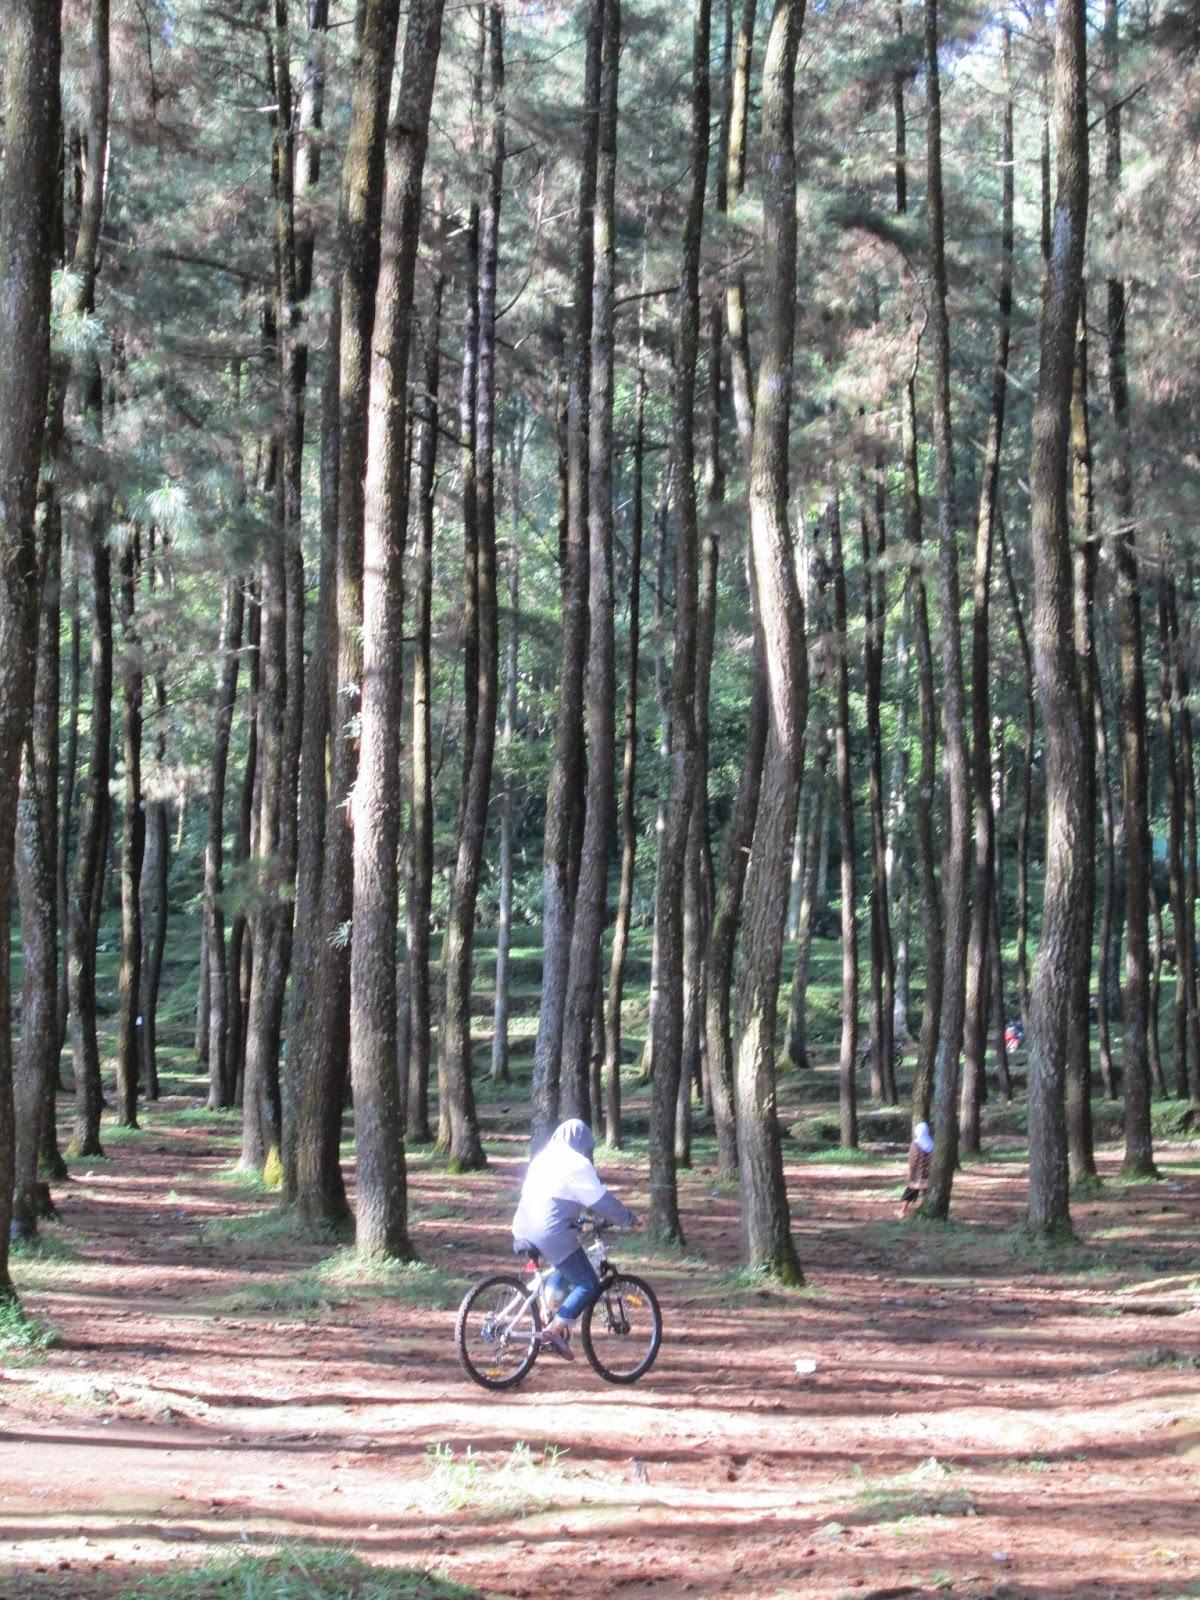 Berbagi Inspirasi Kabur Sejenak Kepenatan Kota Wisata Gunung Setelah Hutan